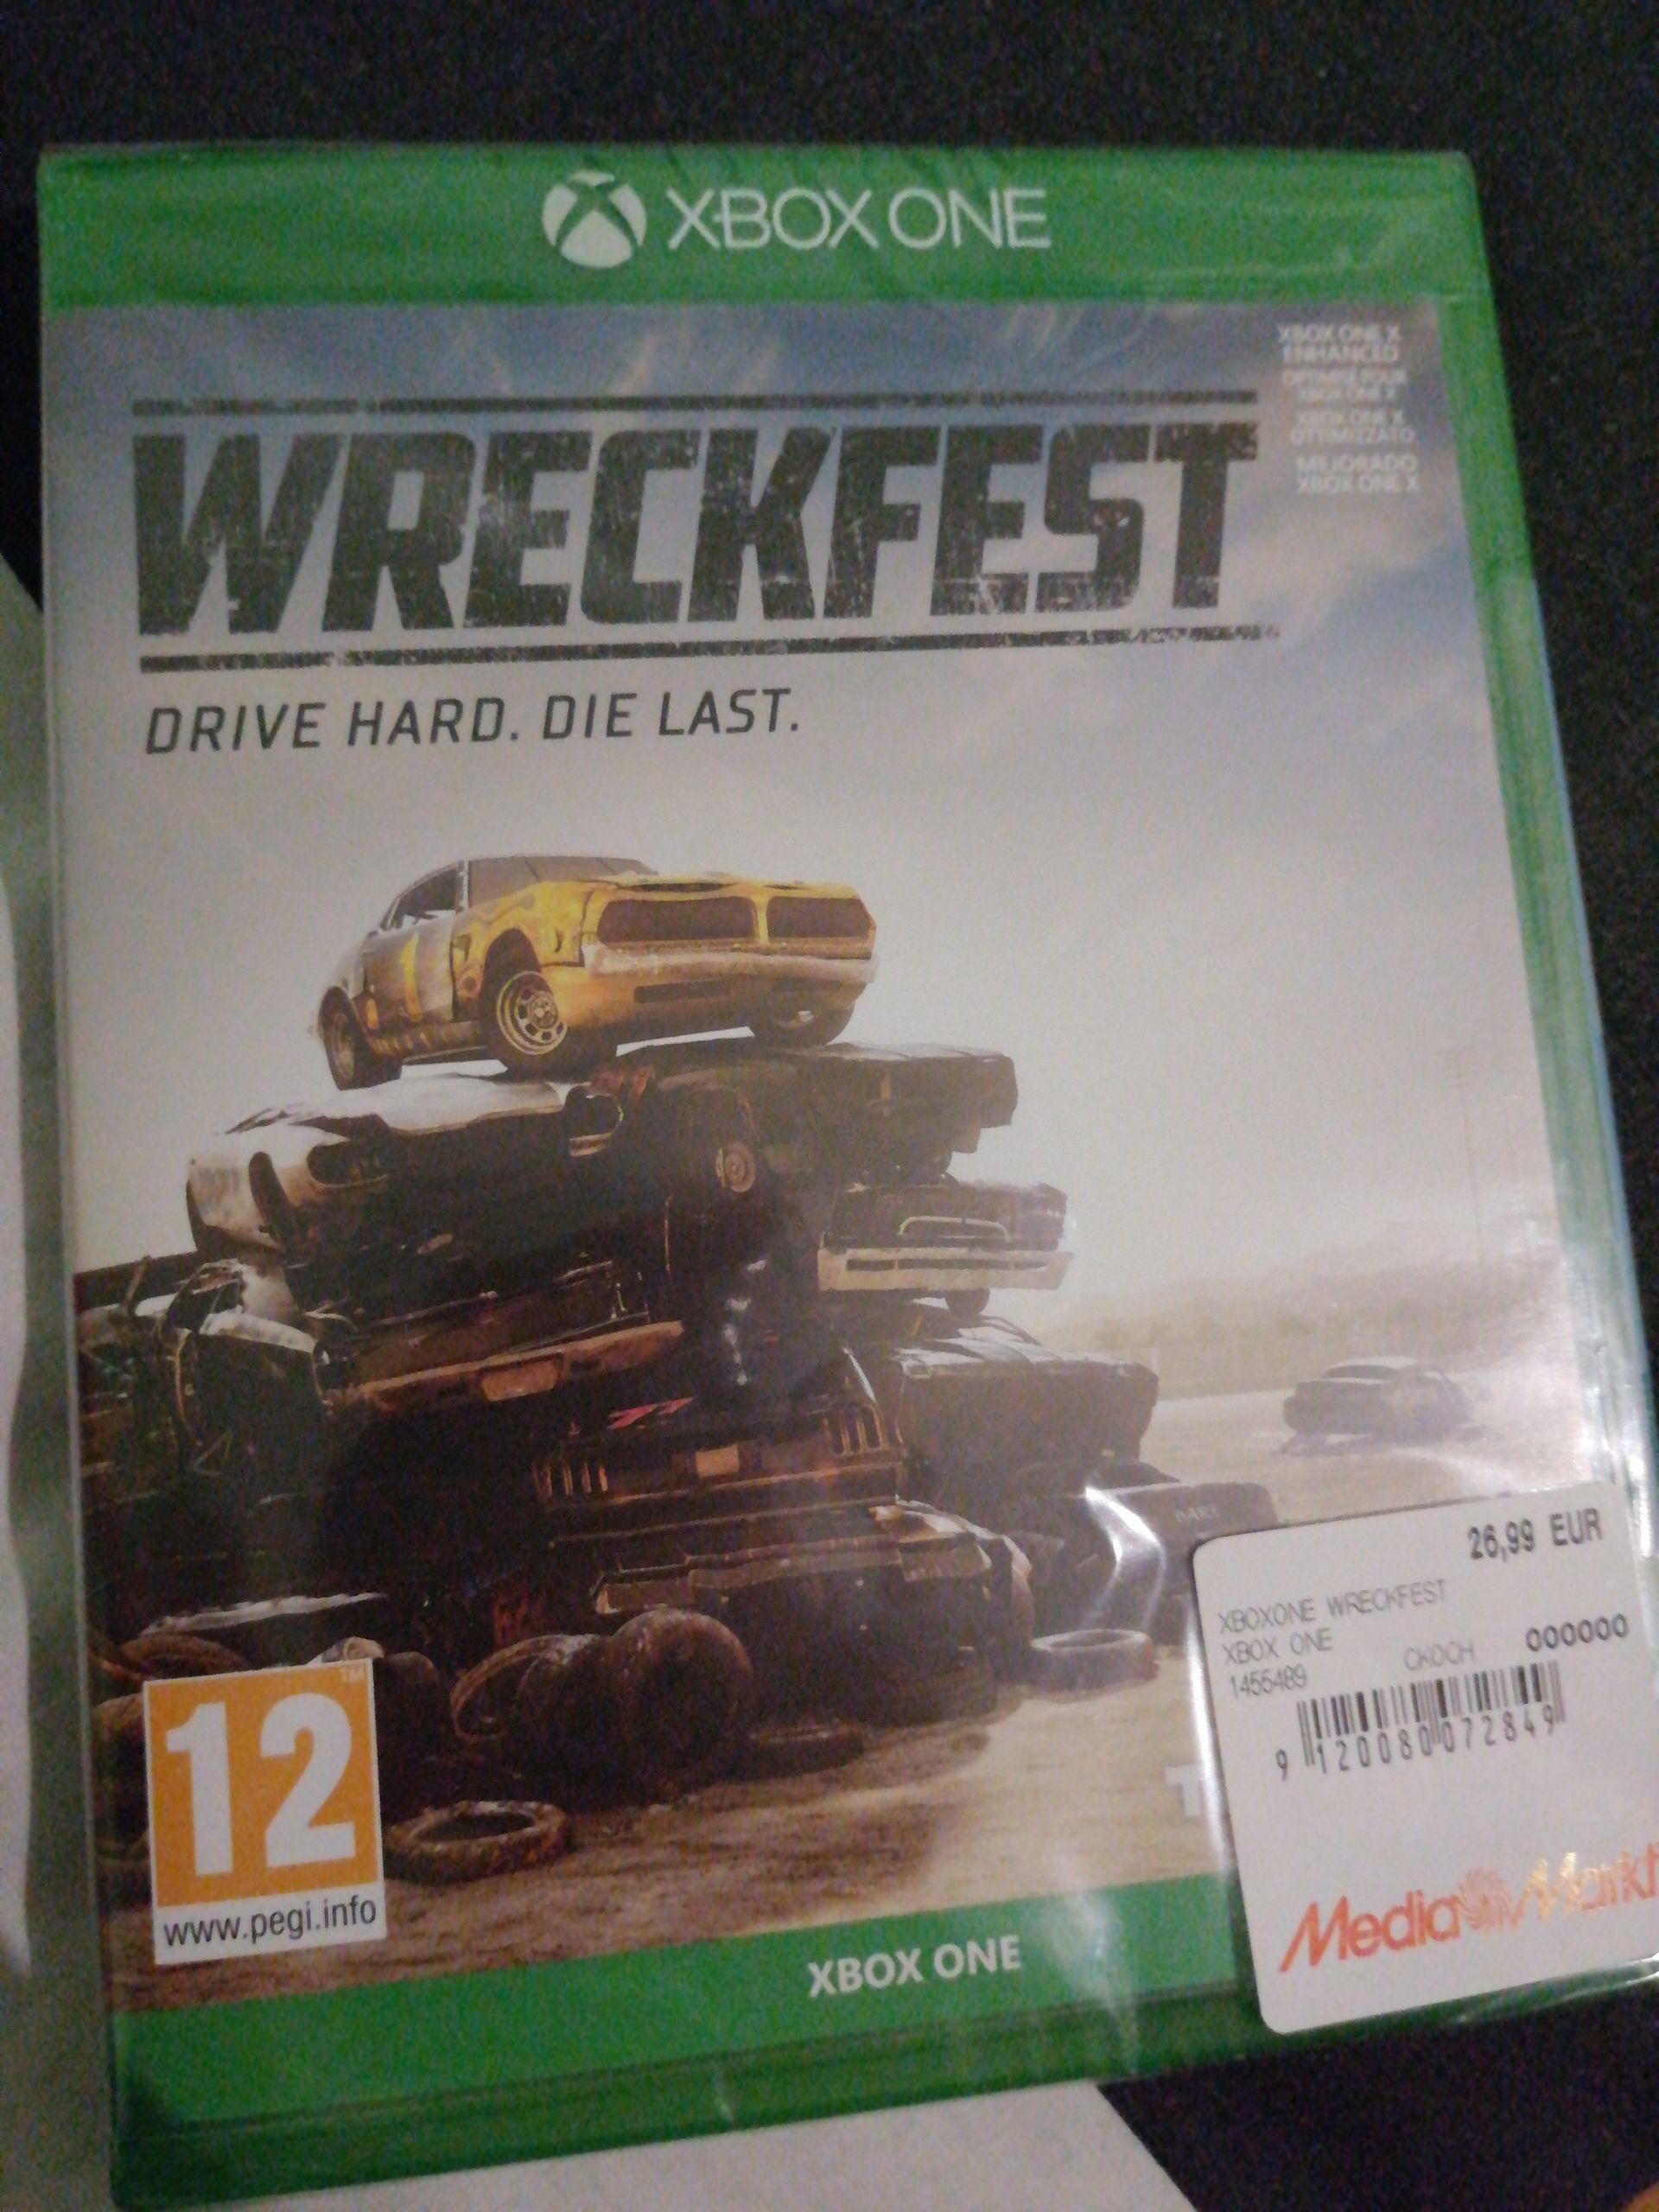 Wreckfest Xbox One en mediamarkt Lleida